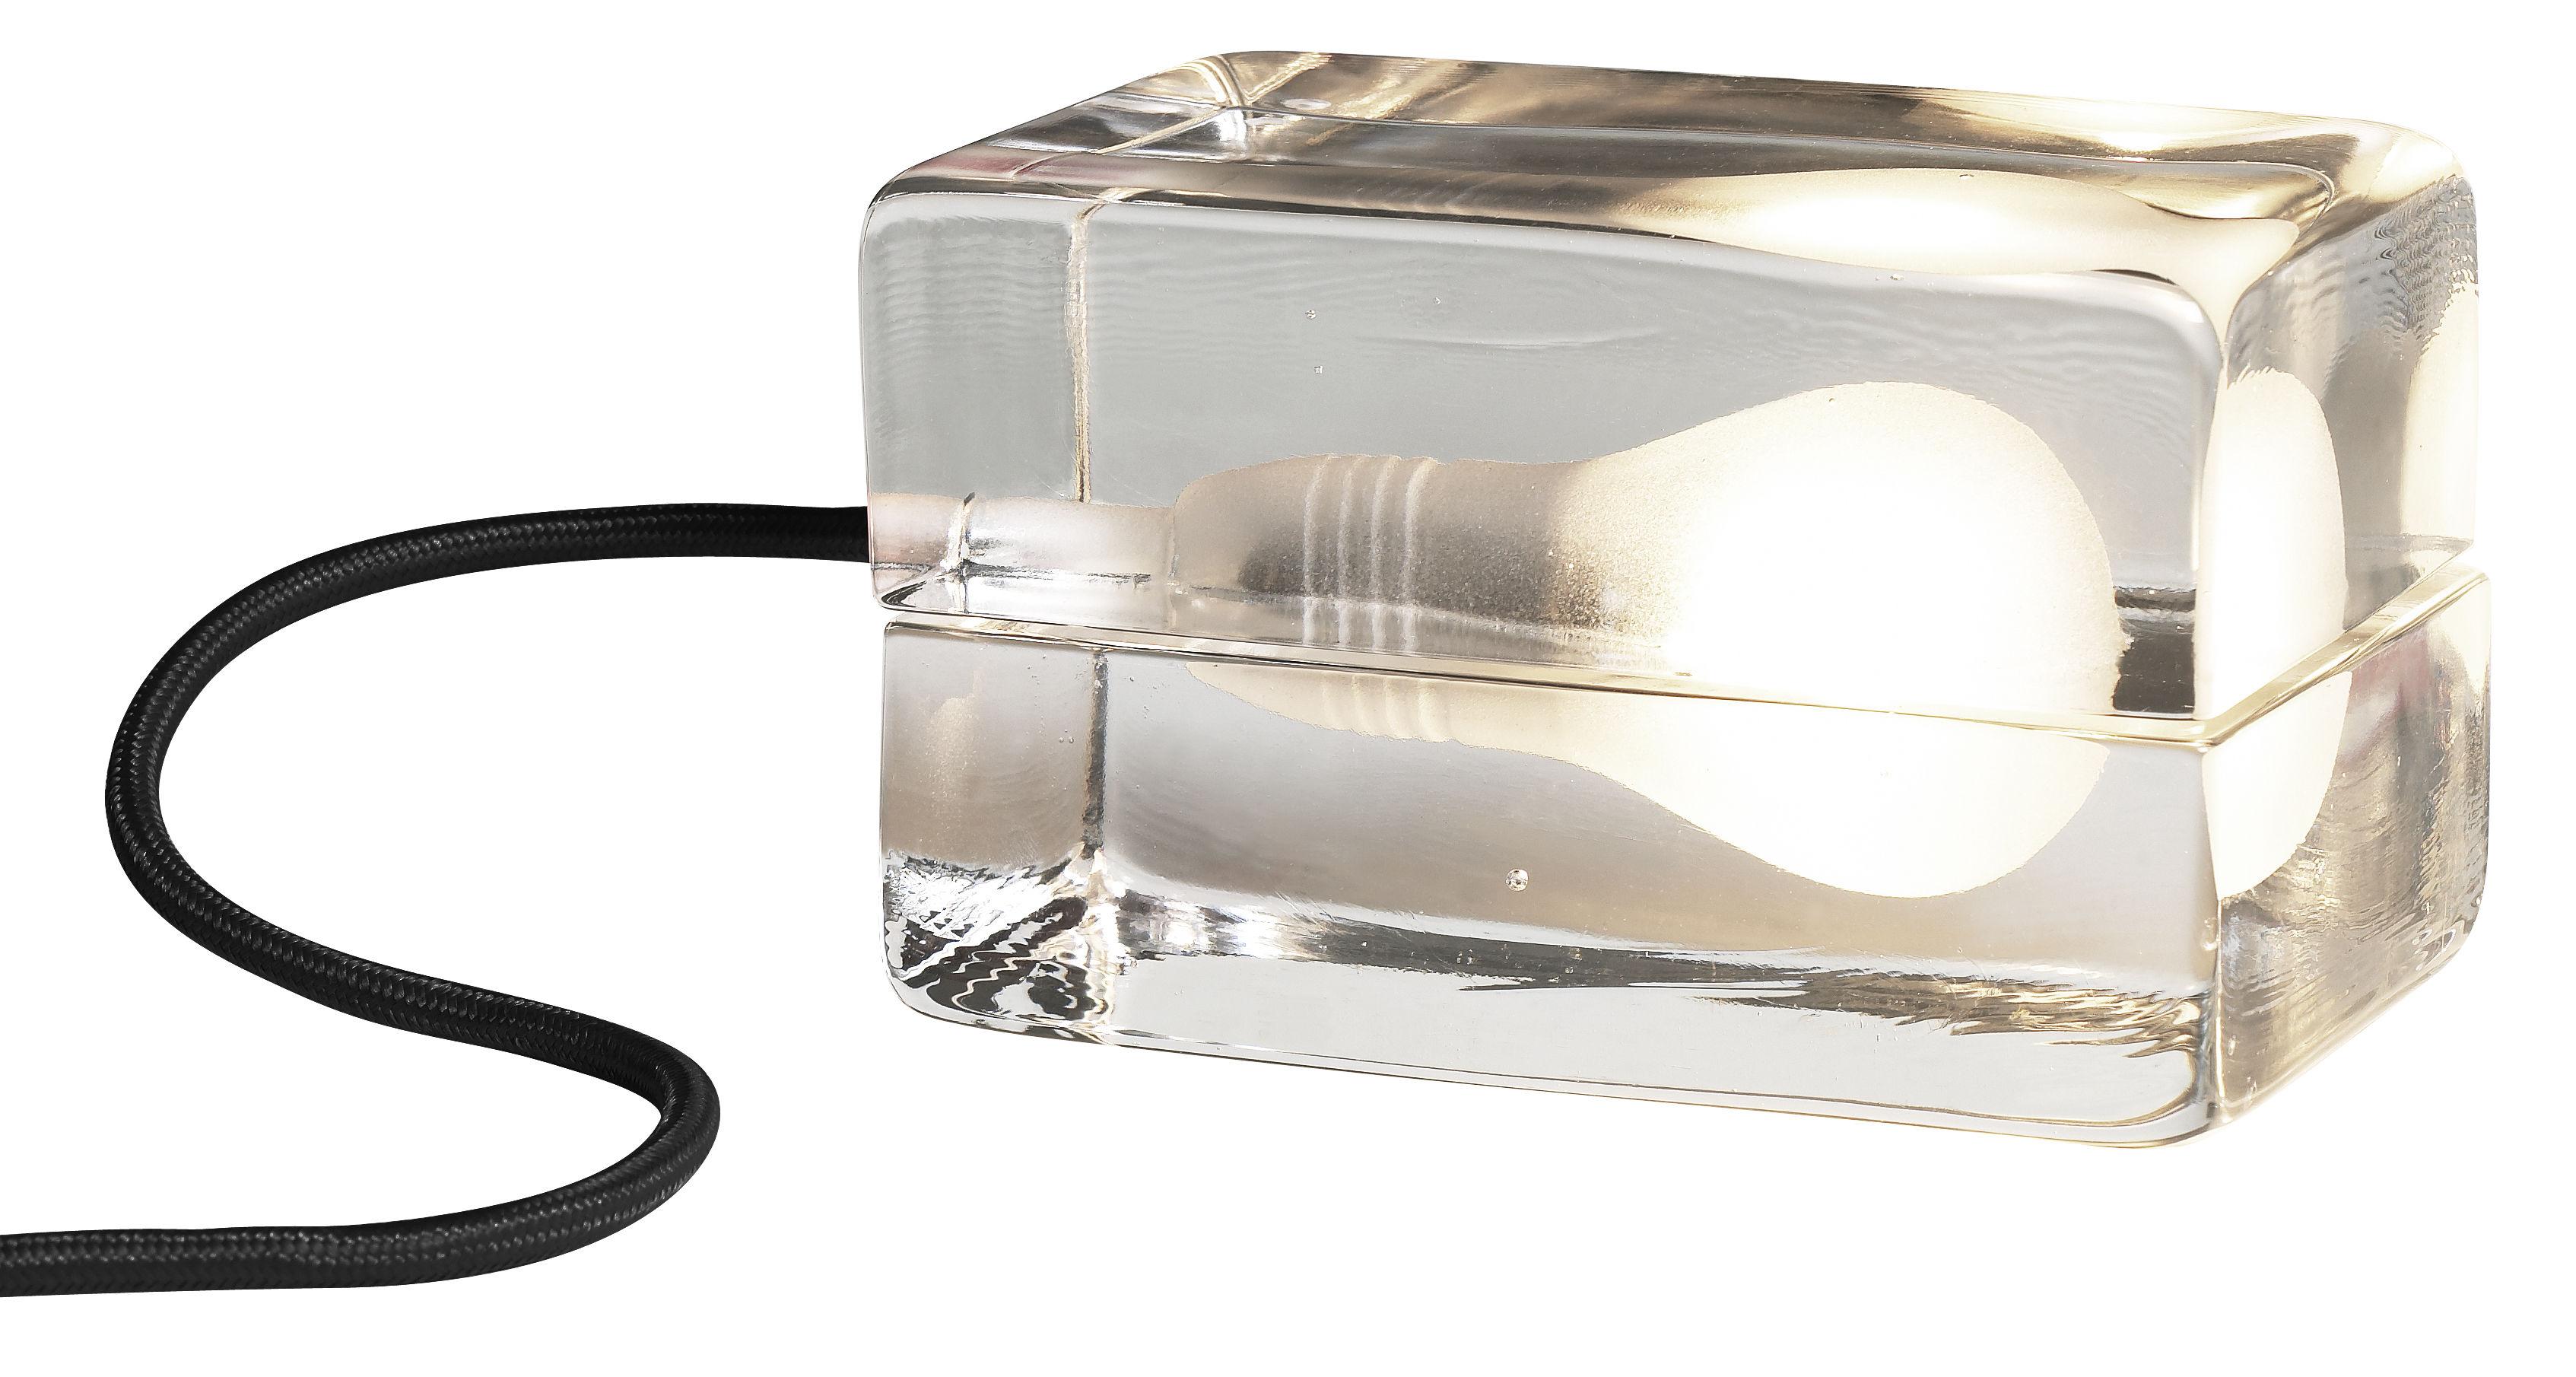 Leuchten - Tischleuchten - Block Lamp Tischleuchte - Design House Stockholm - Transparent - schwarzes Kabel - Glas